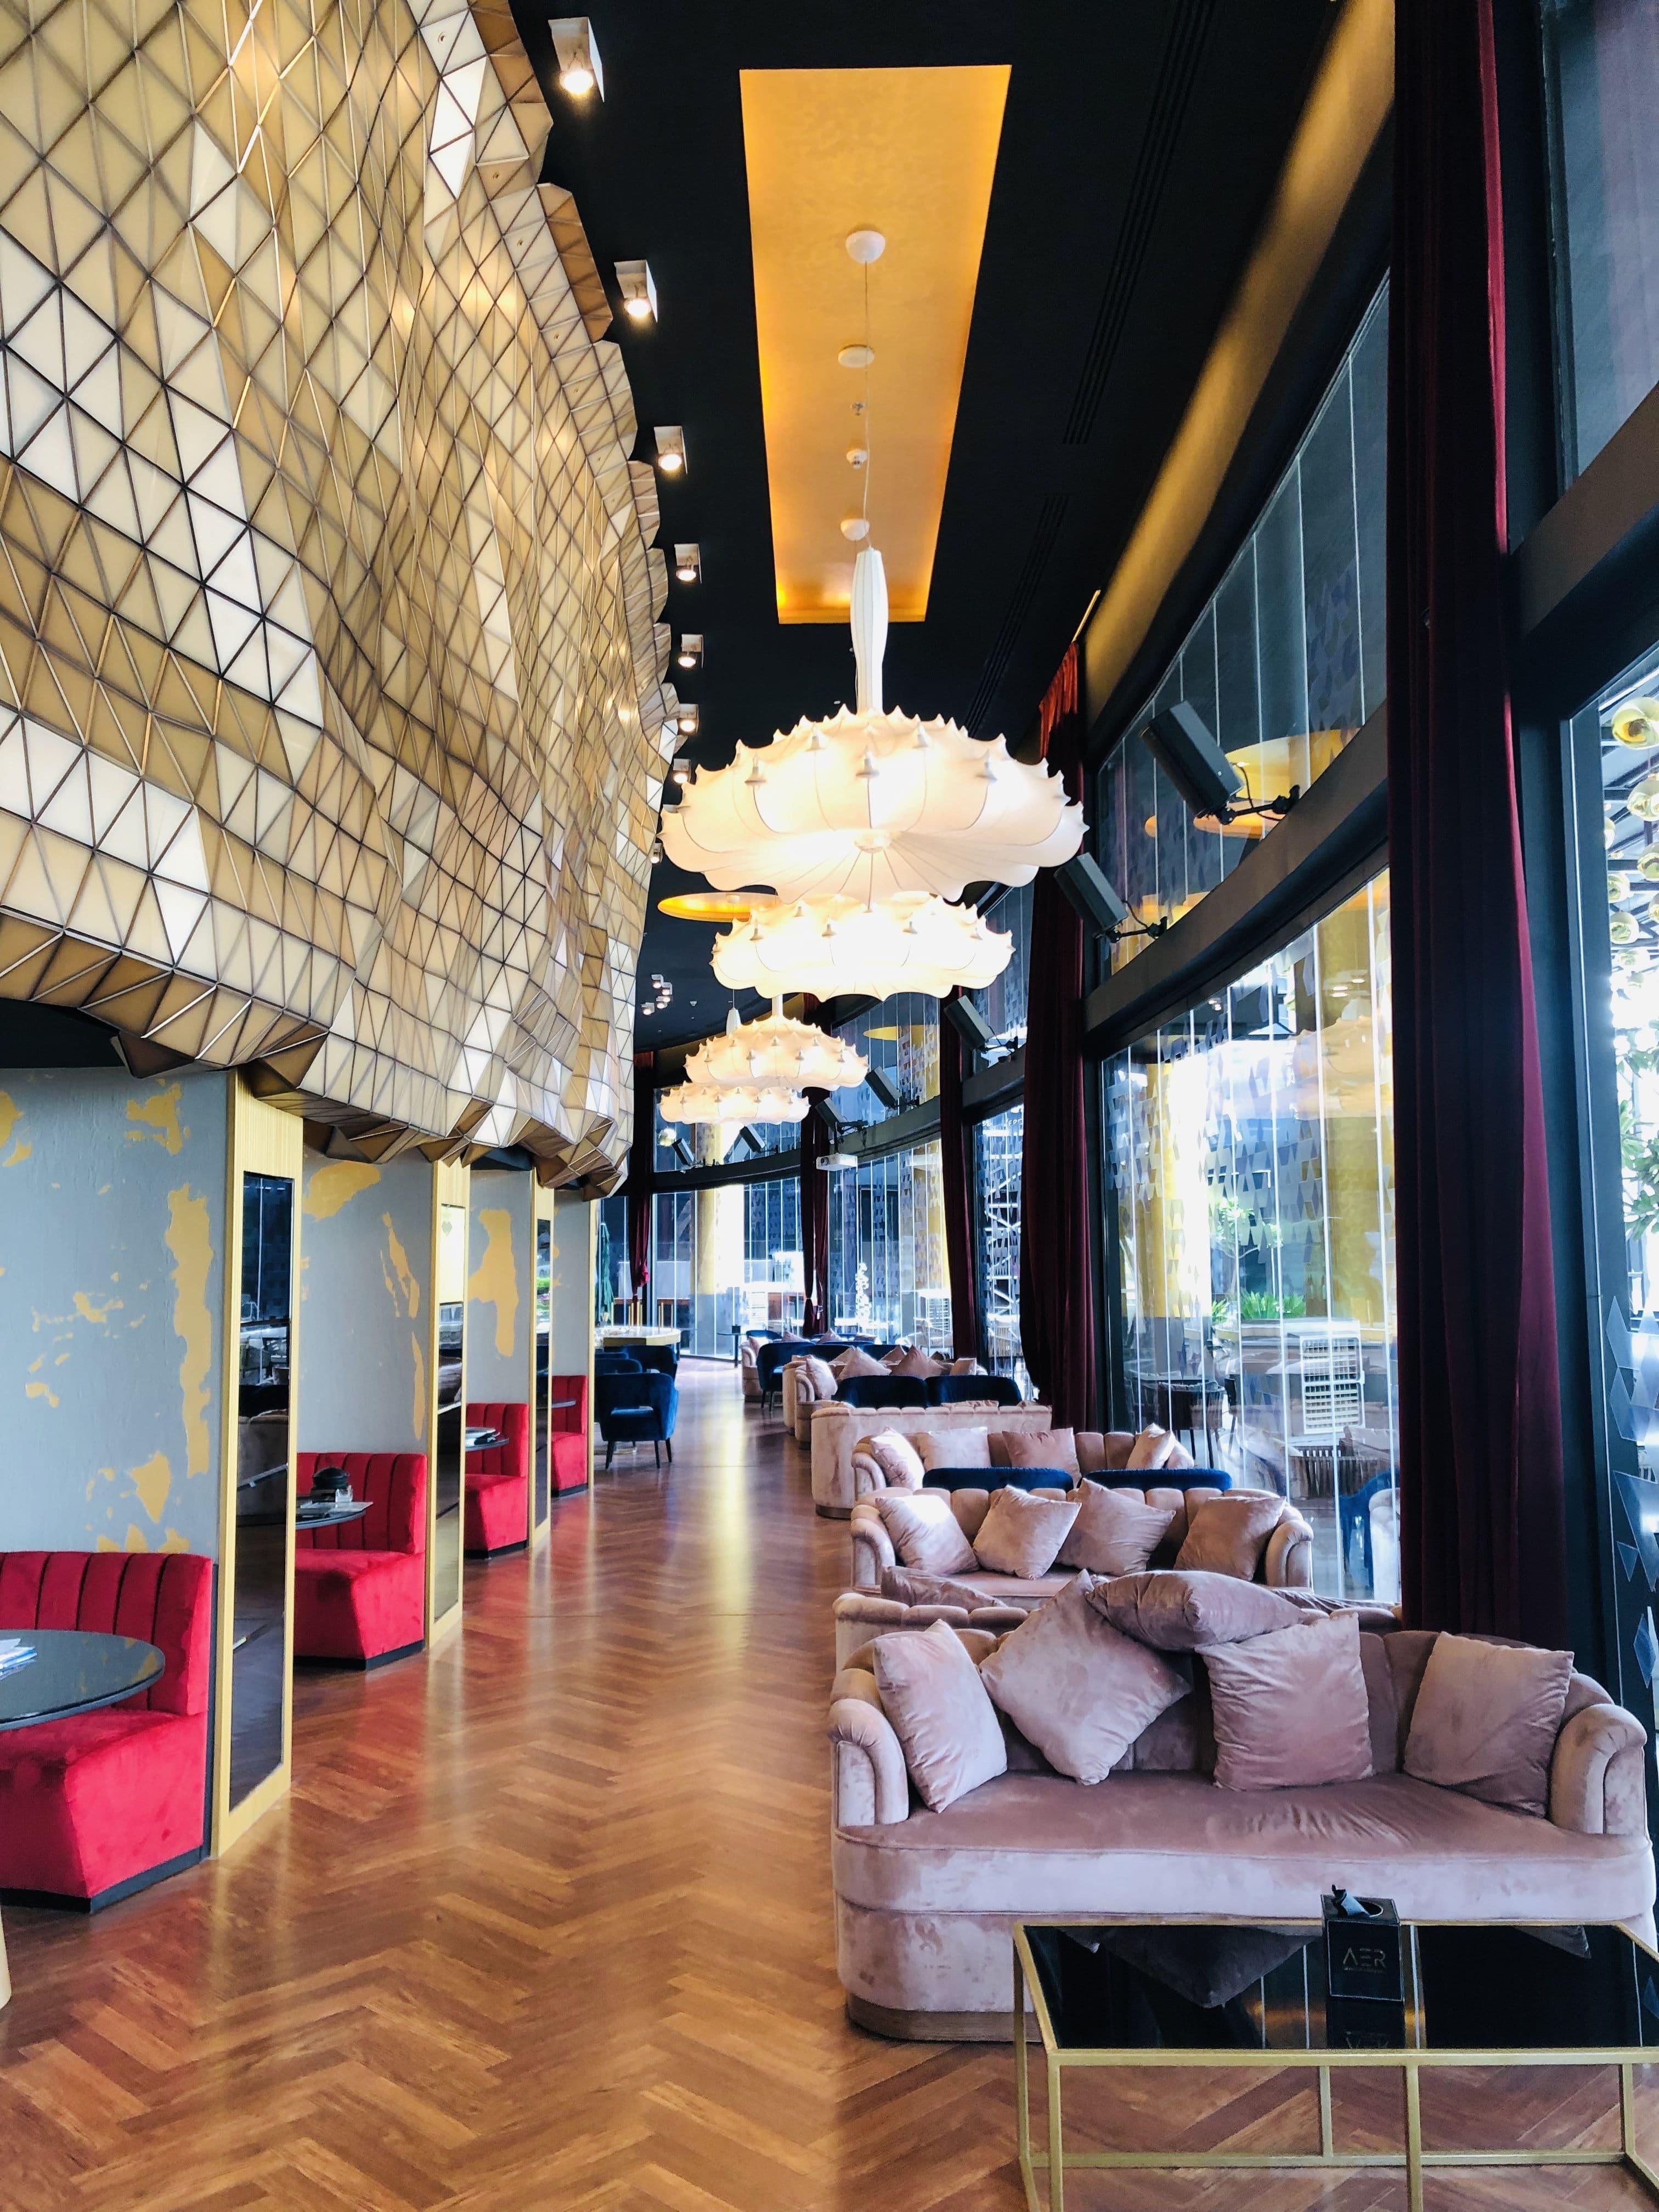 Aer Restaurant And Bar Menu Menu For Aer Restaurant And Bar Difc Dubai